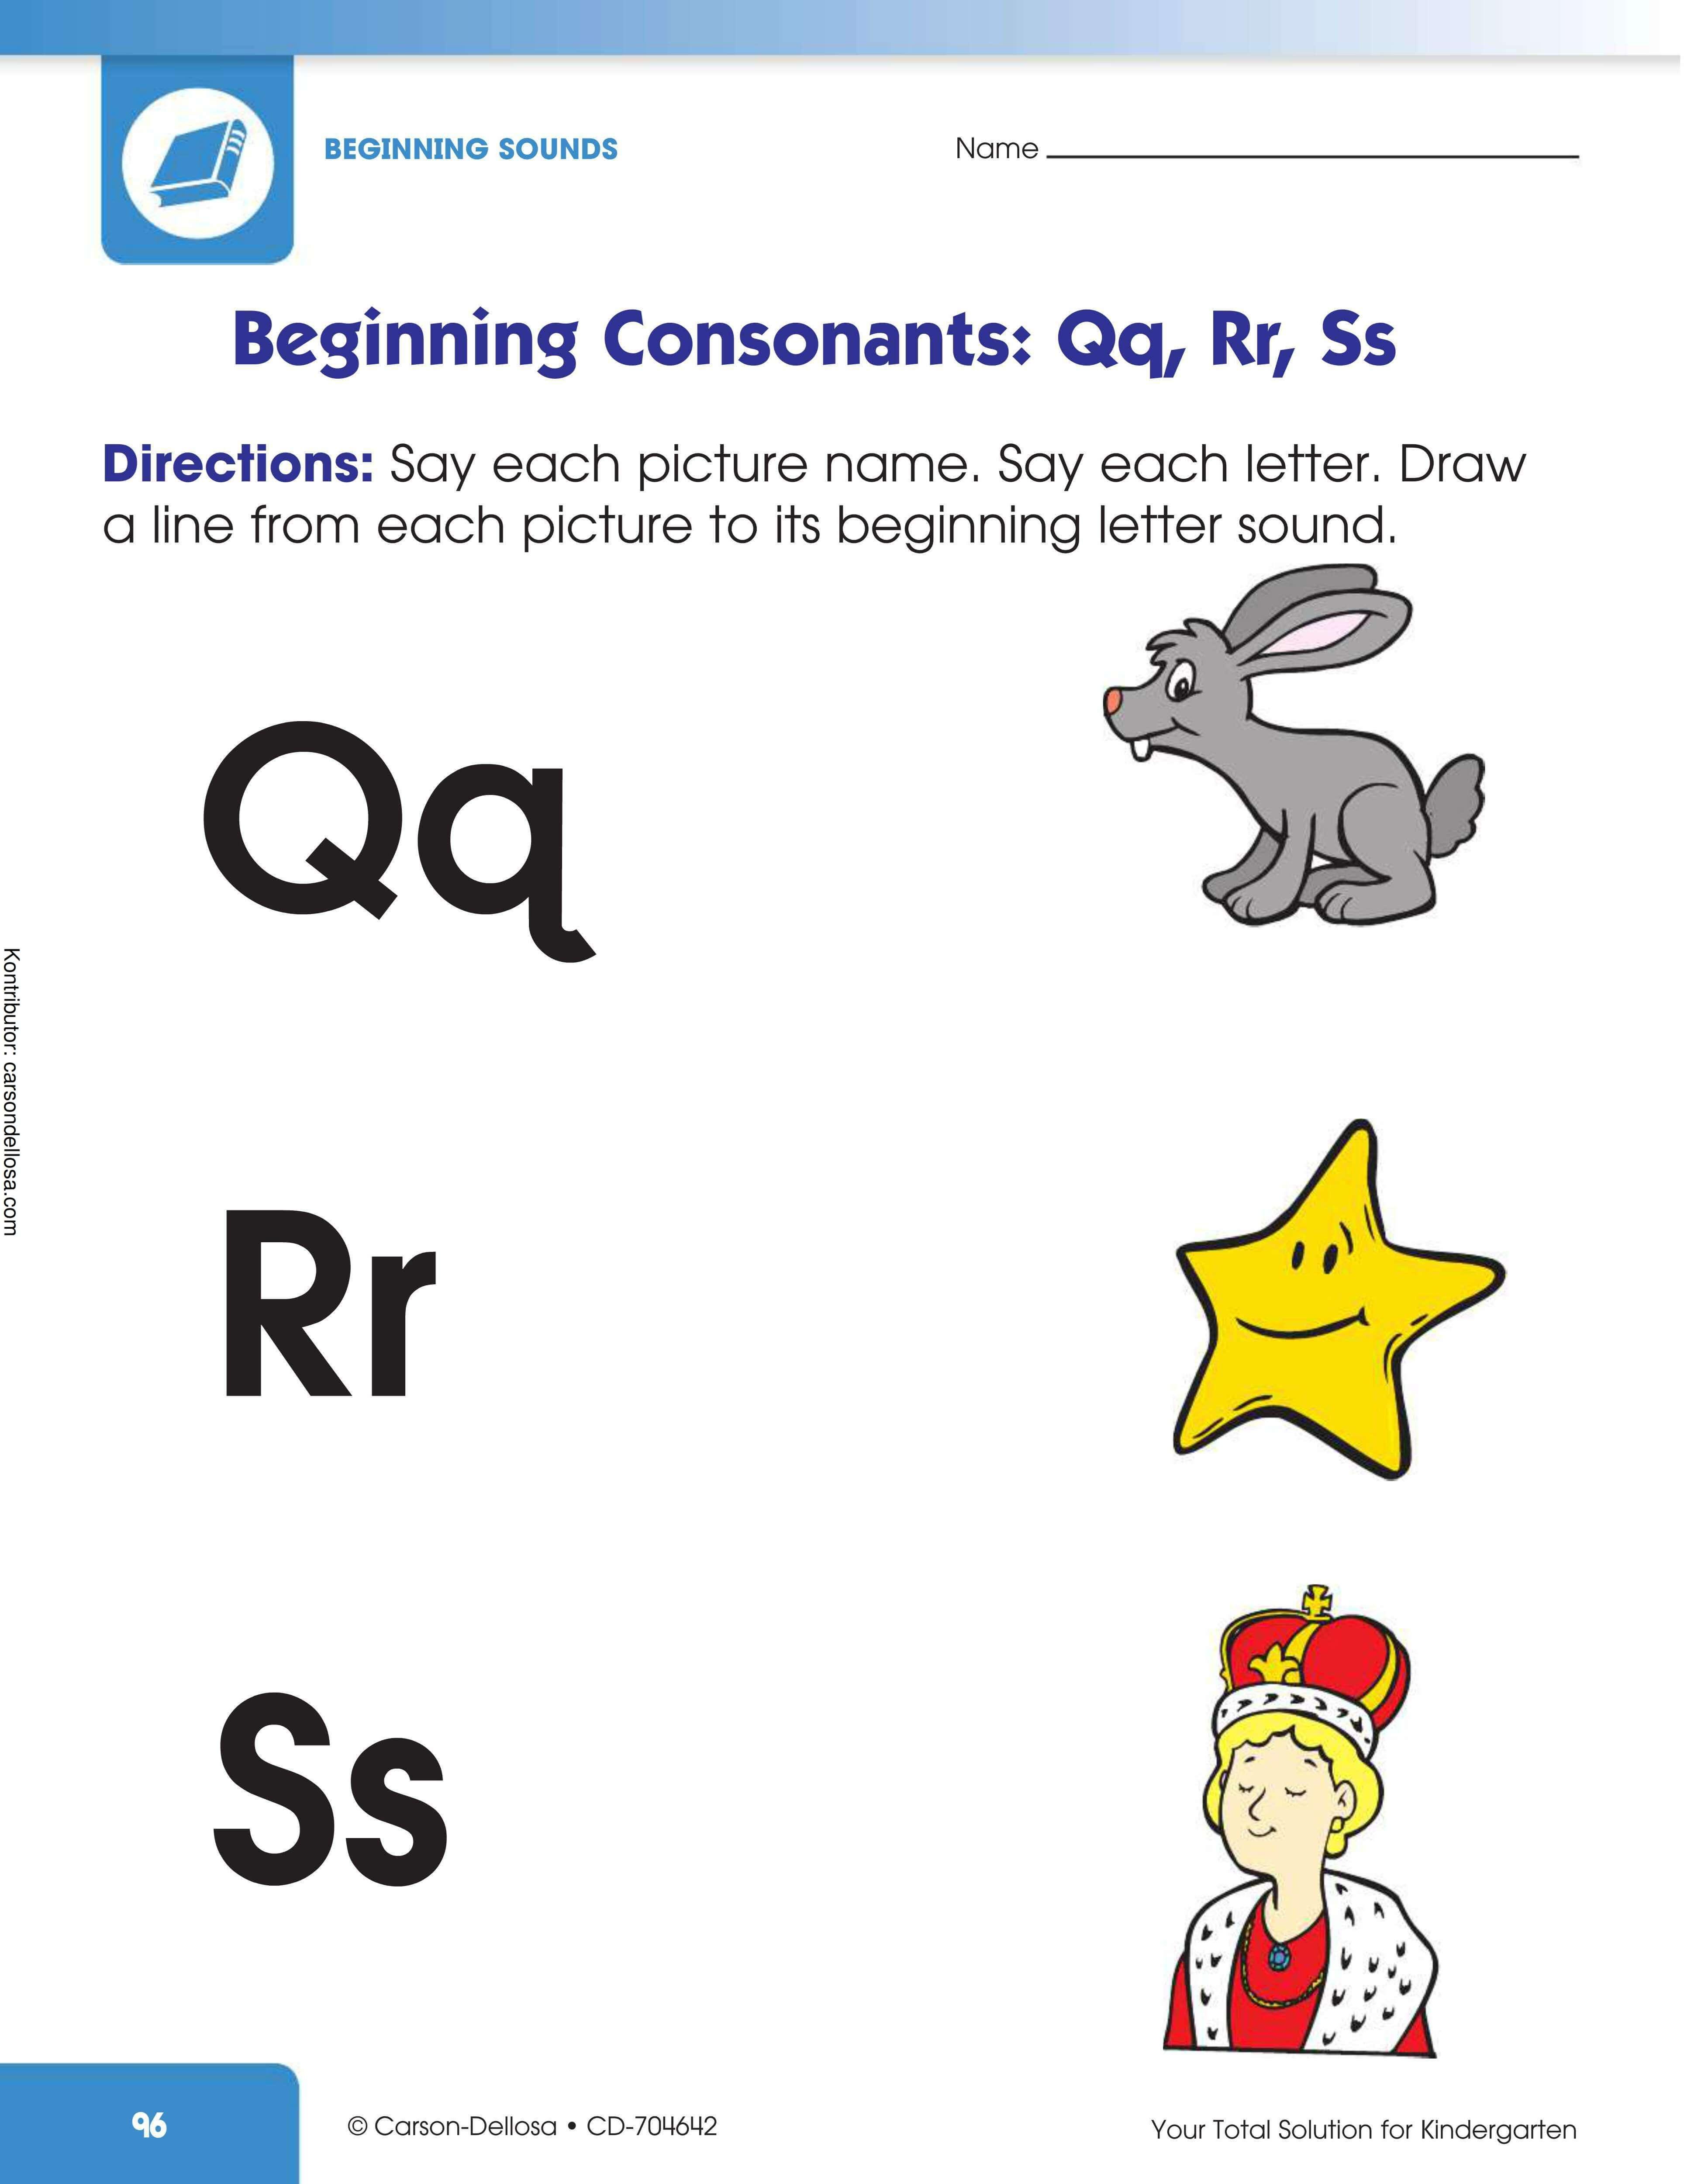 """Belajar Mengenal Huruf Konsonan Awalan """"Qq, Rr, Ss"""""""